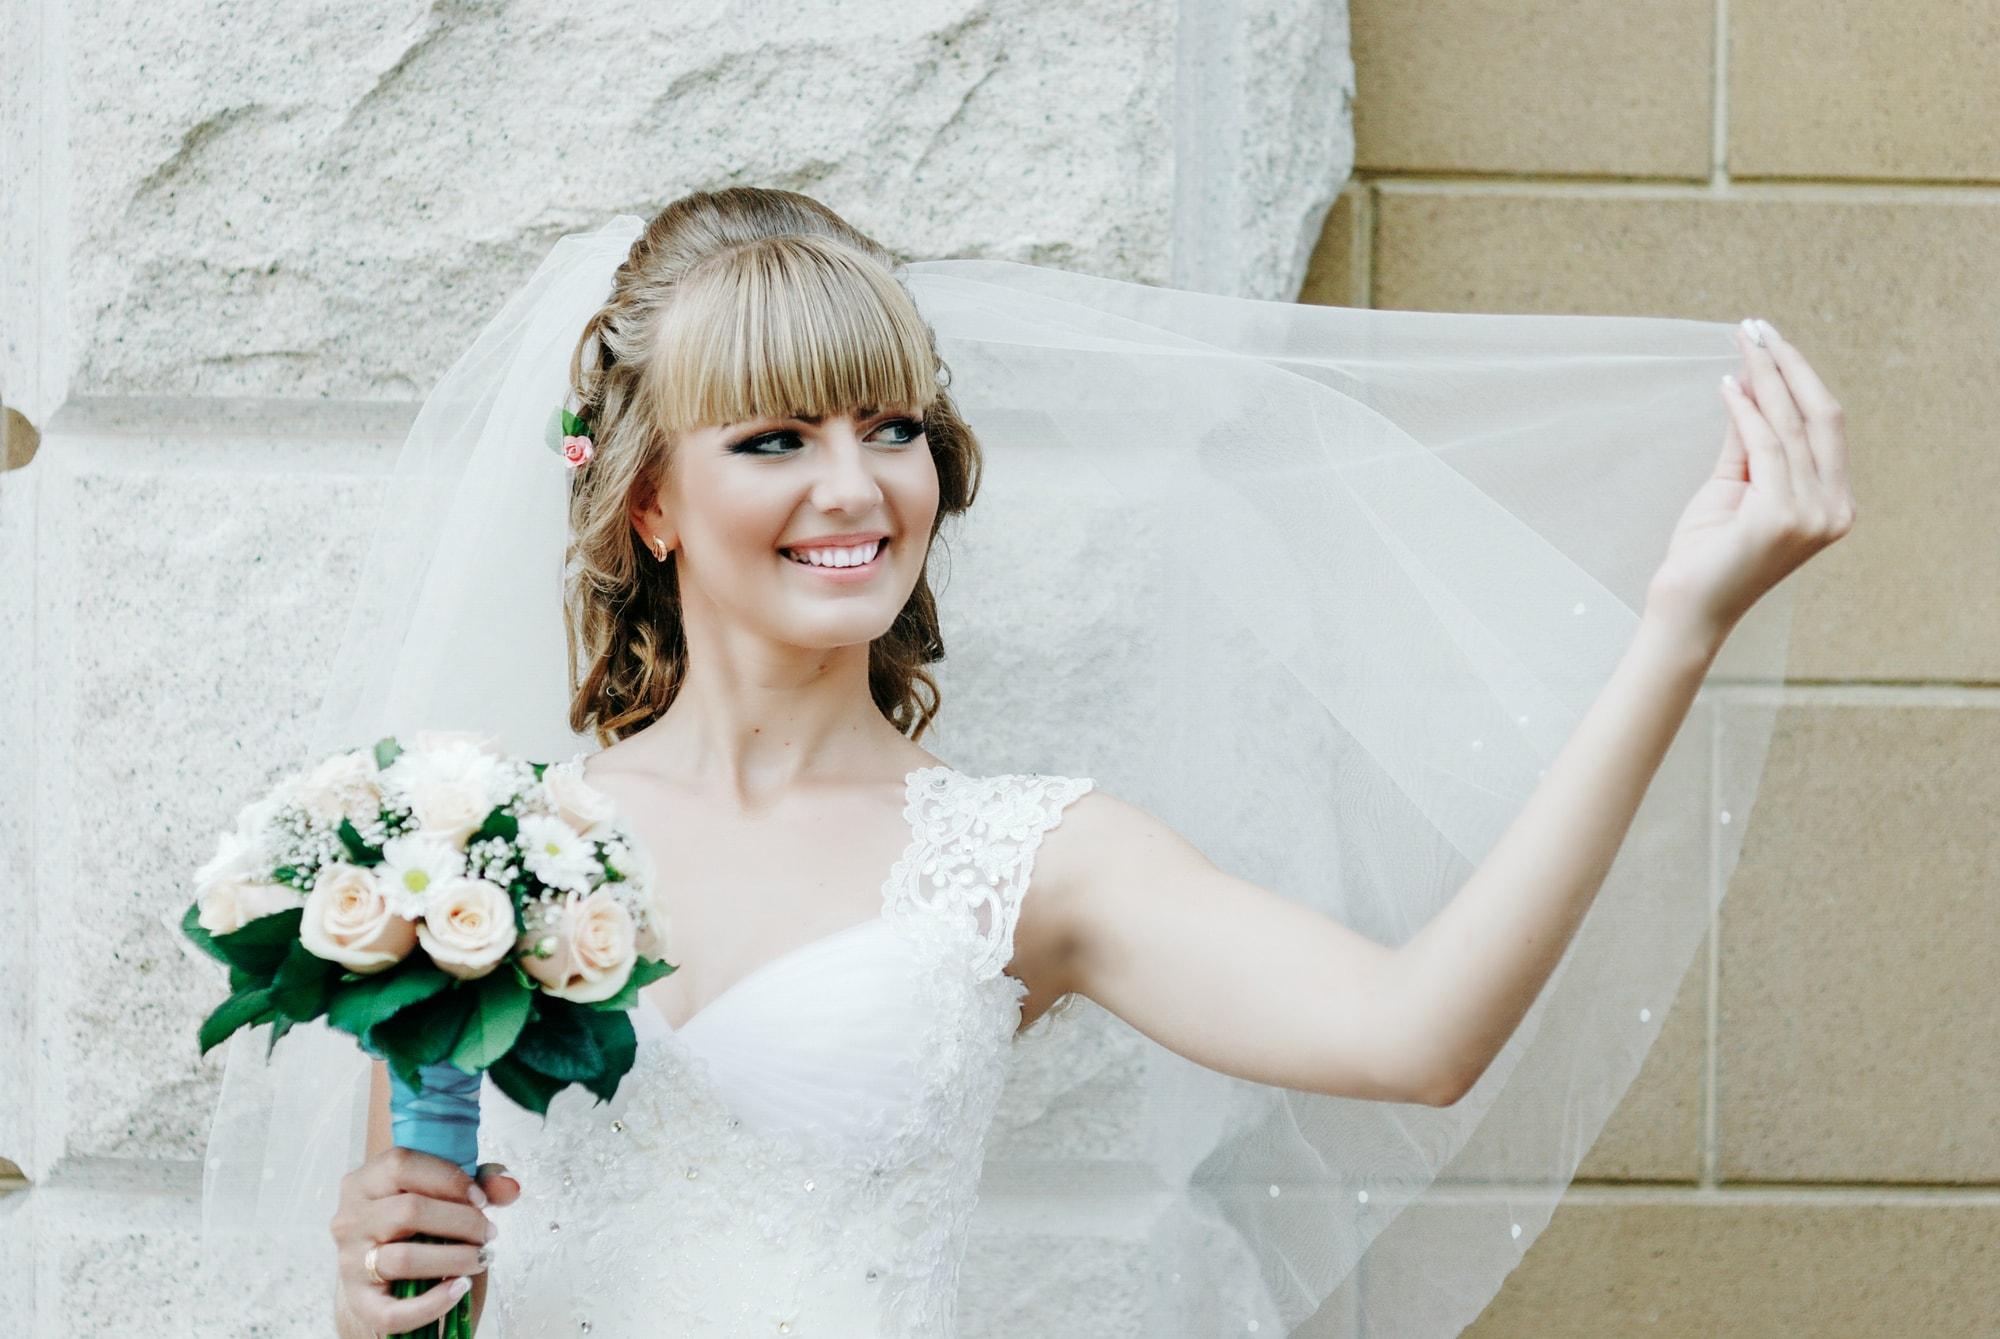 Молодая невеста - Фотограф Киев - Женя Лайт